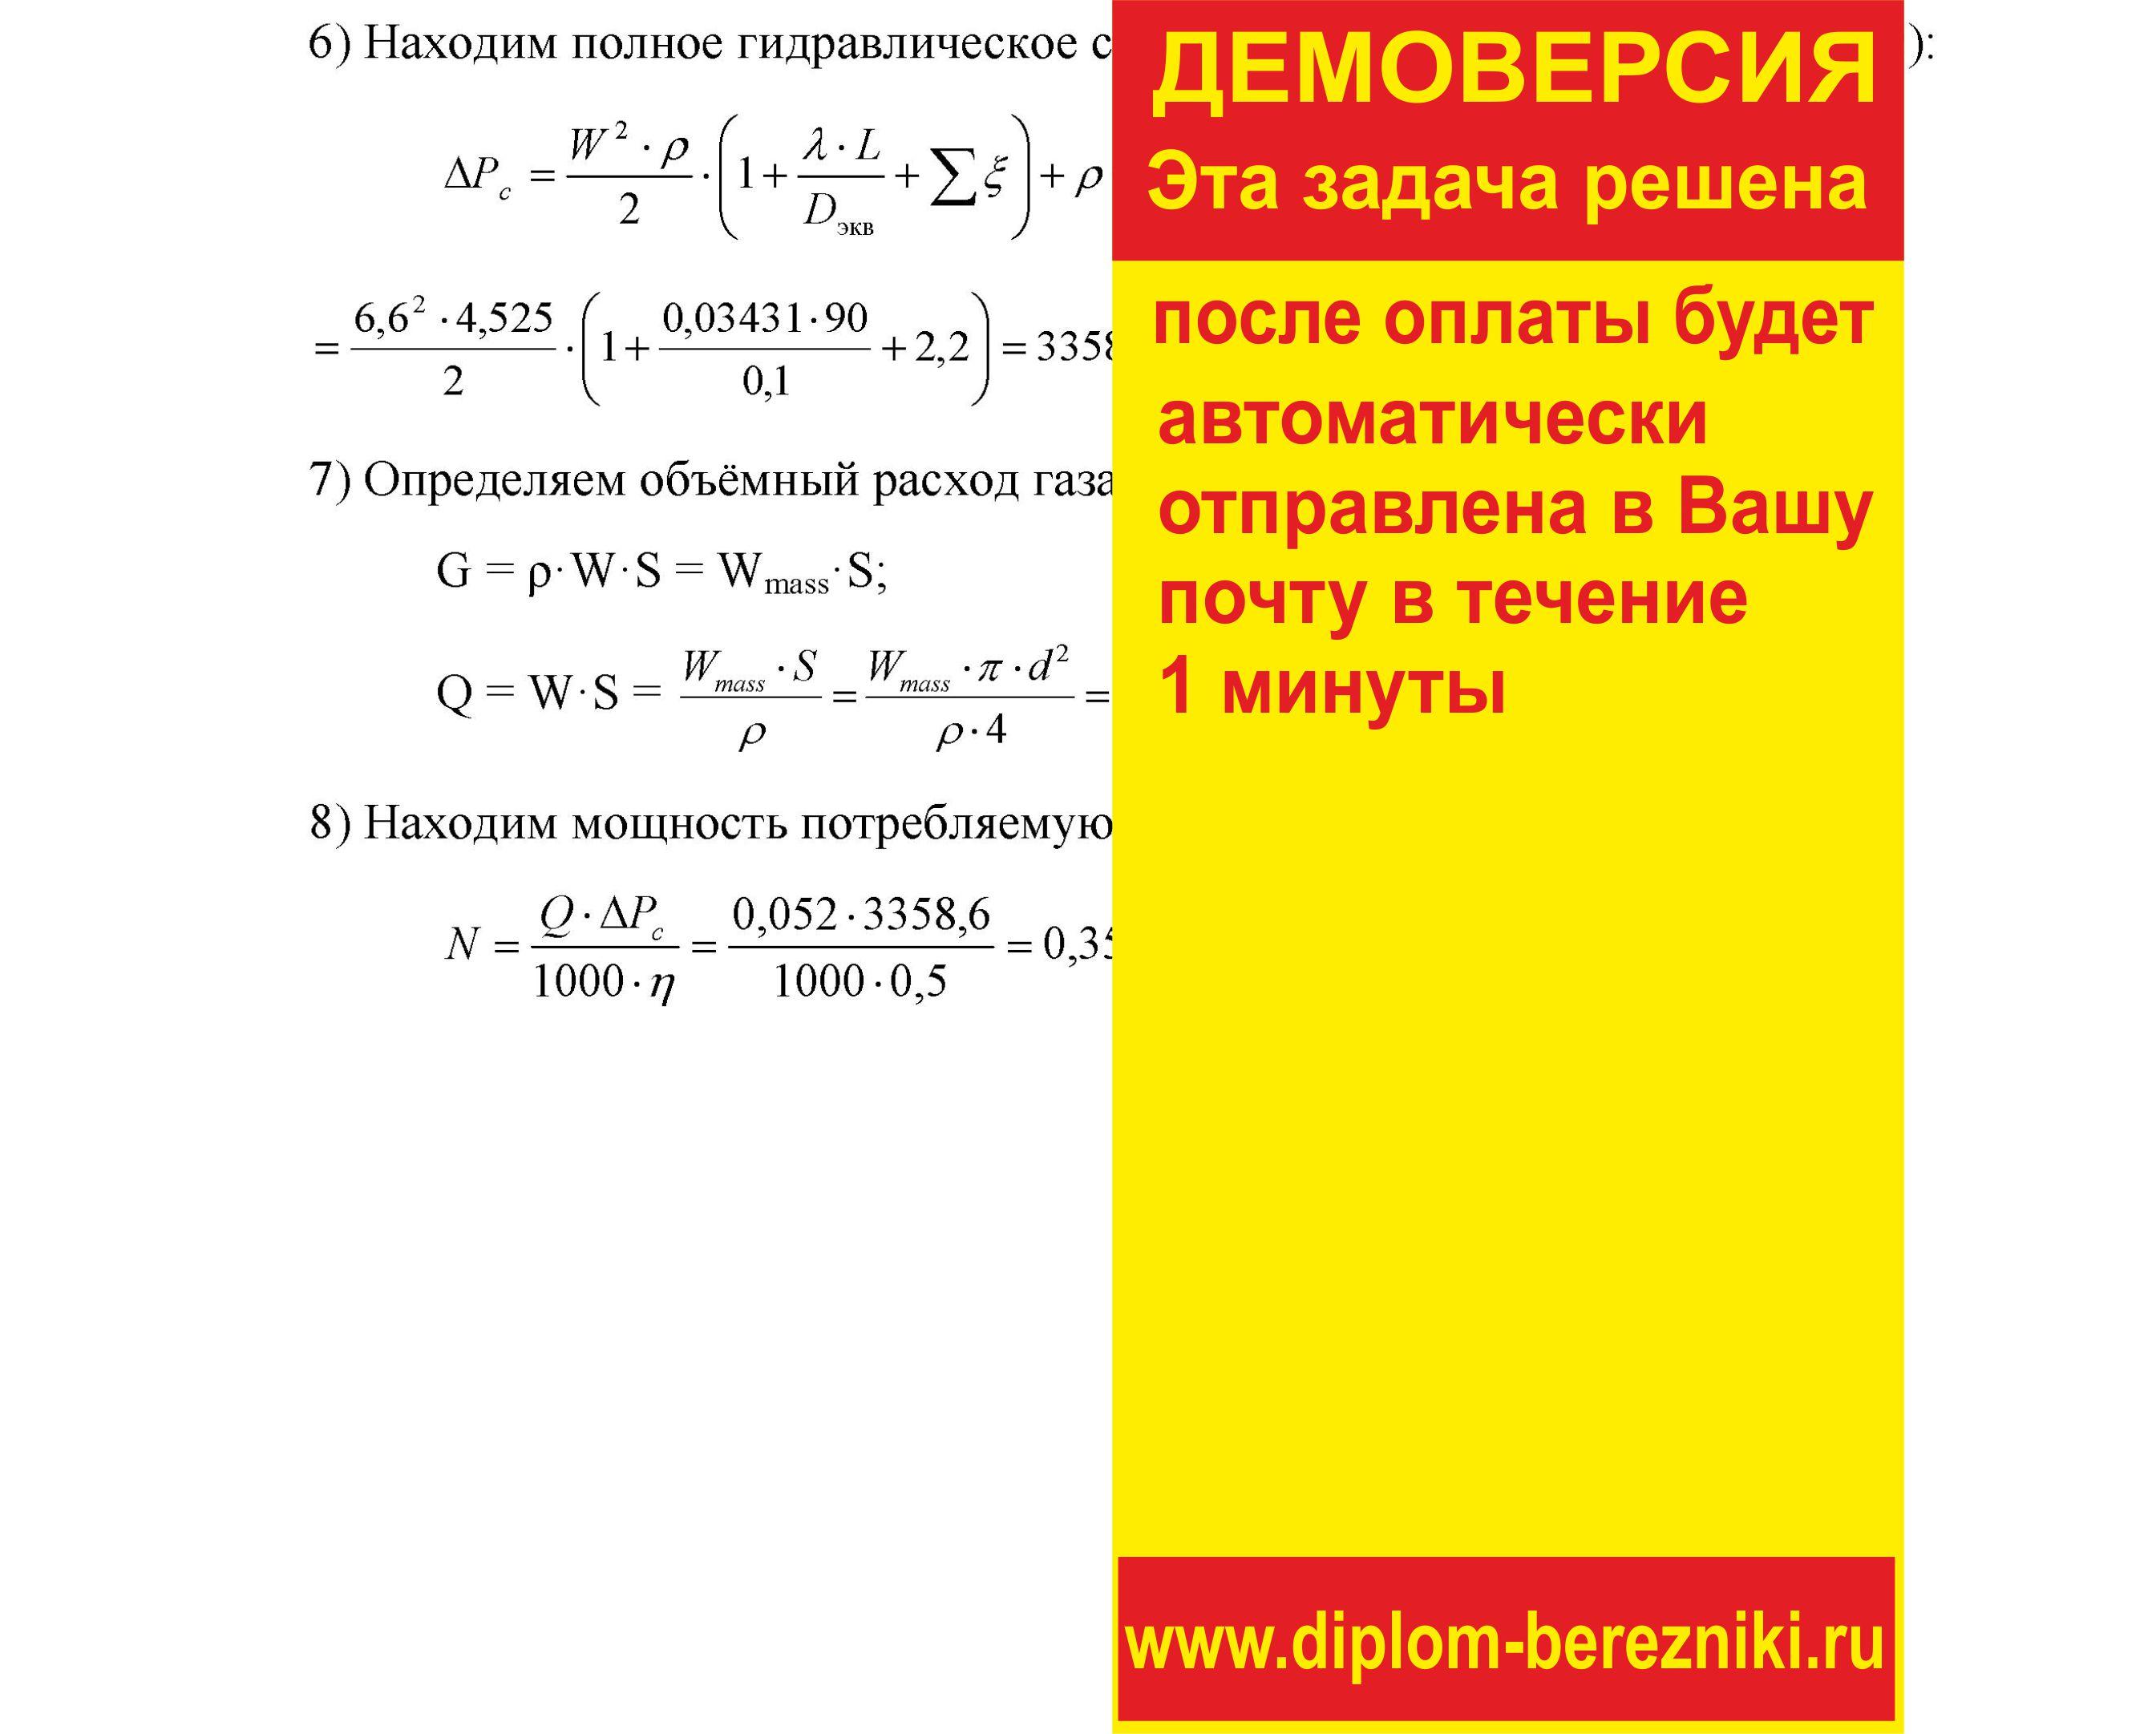 Решение задачи 1.45 по ПАХТ из задачника Павлова Романкова Носкова